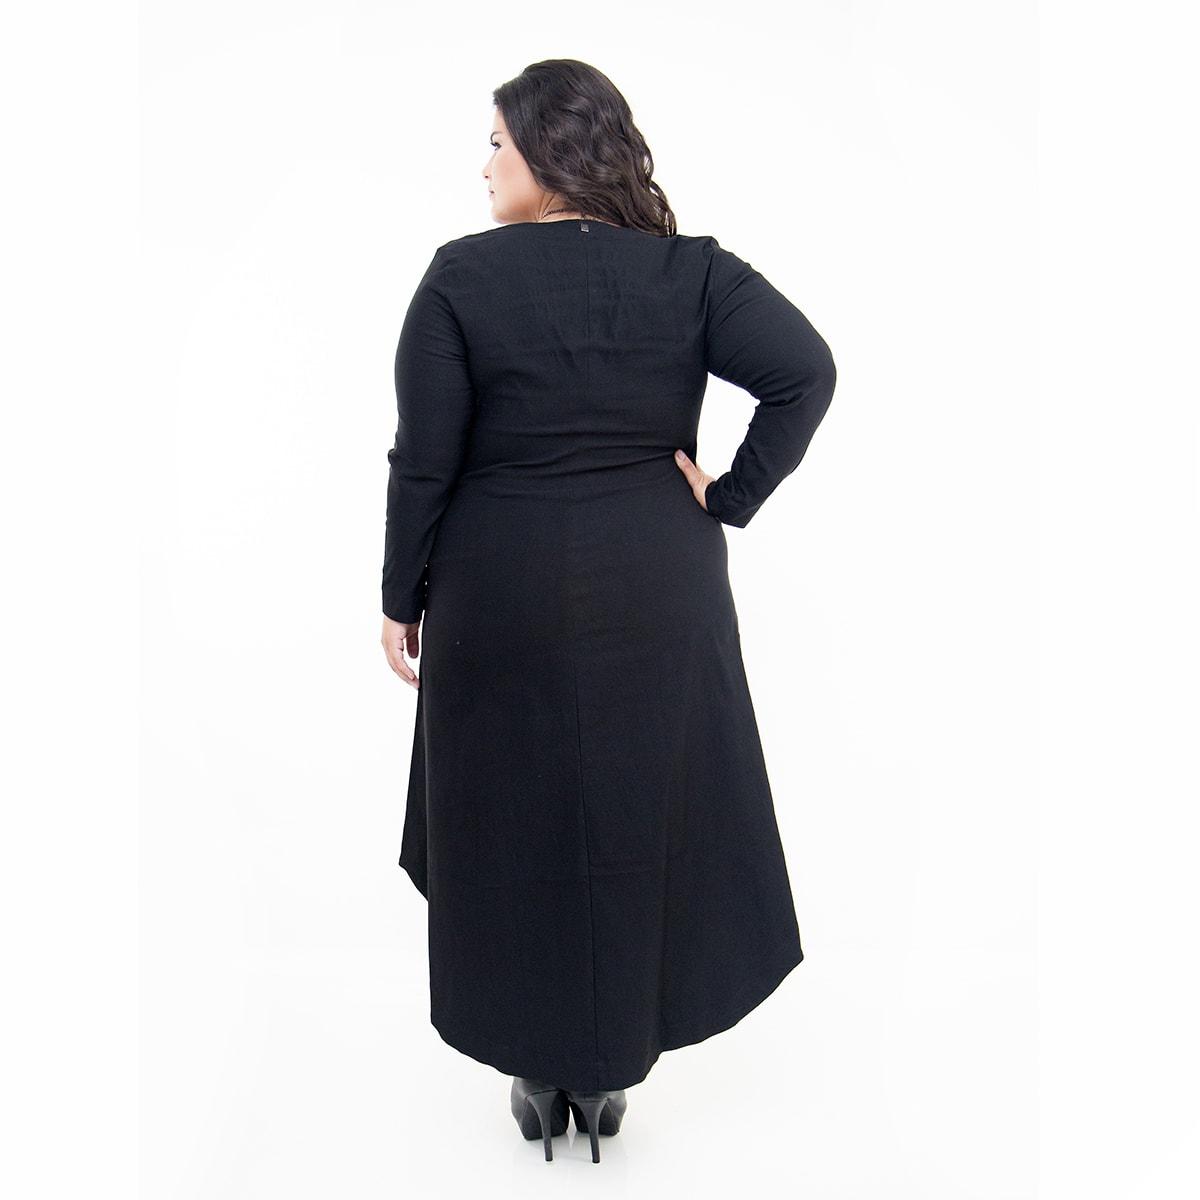 Vestido Curto Plus Size Mullet Poliéster e Elastano